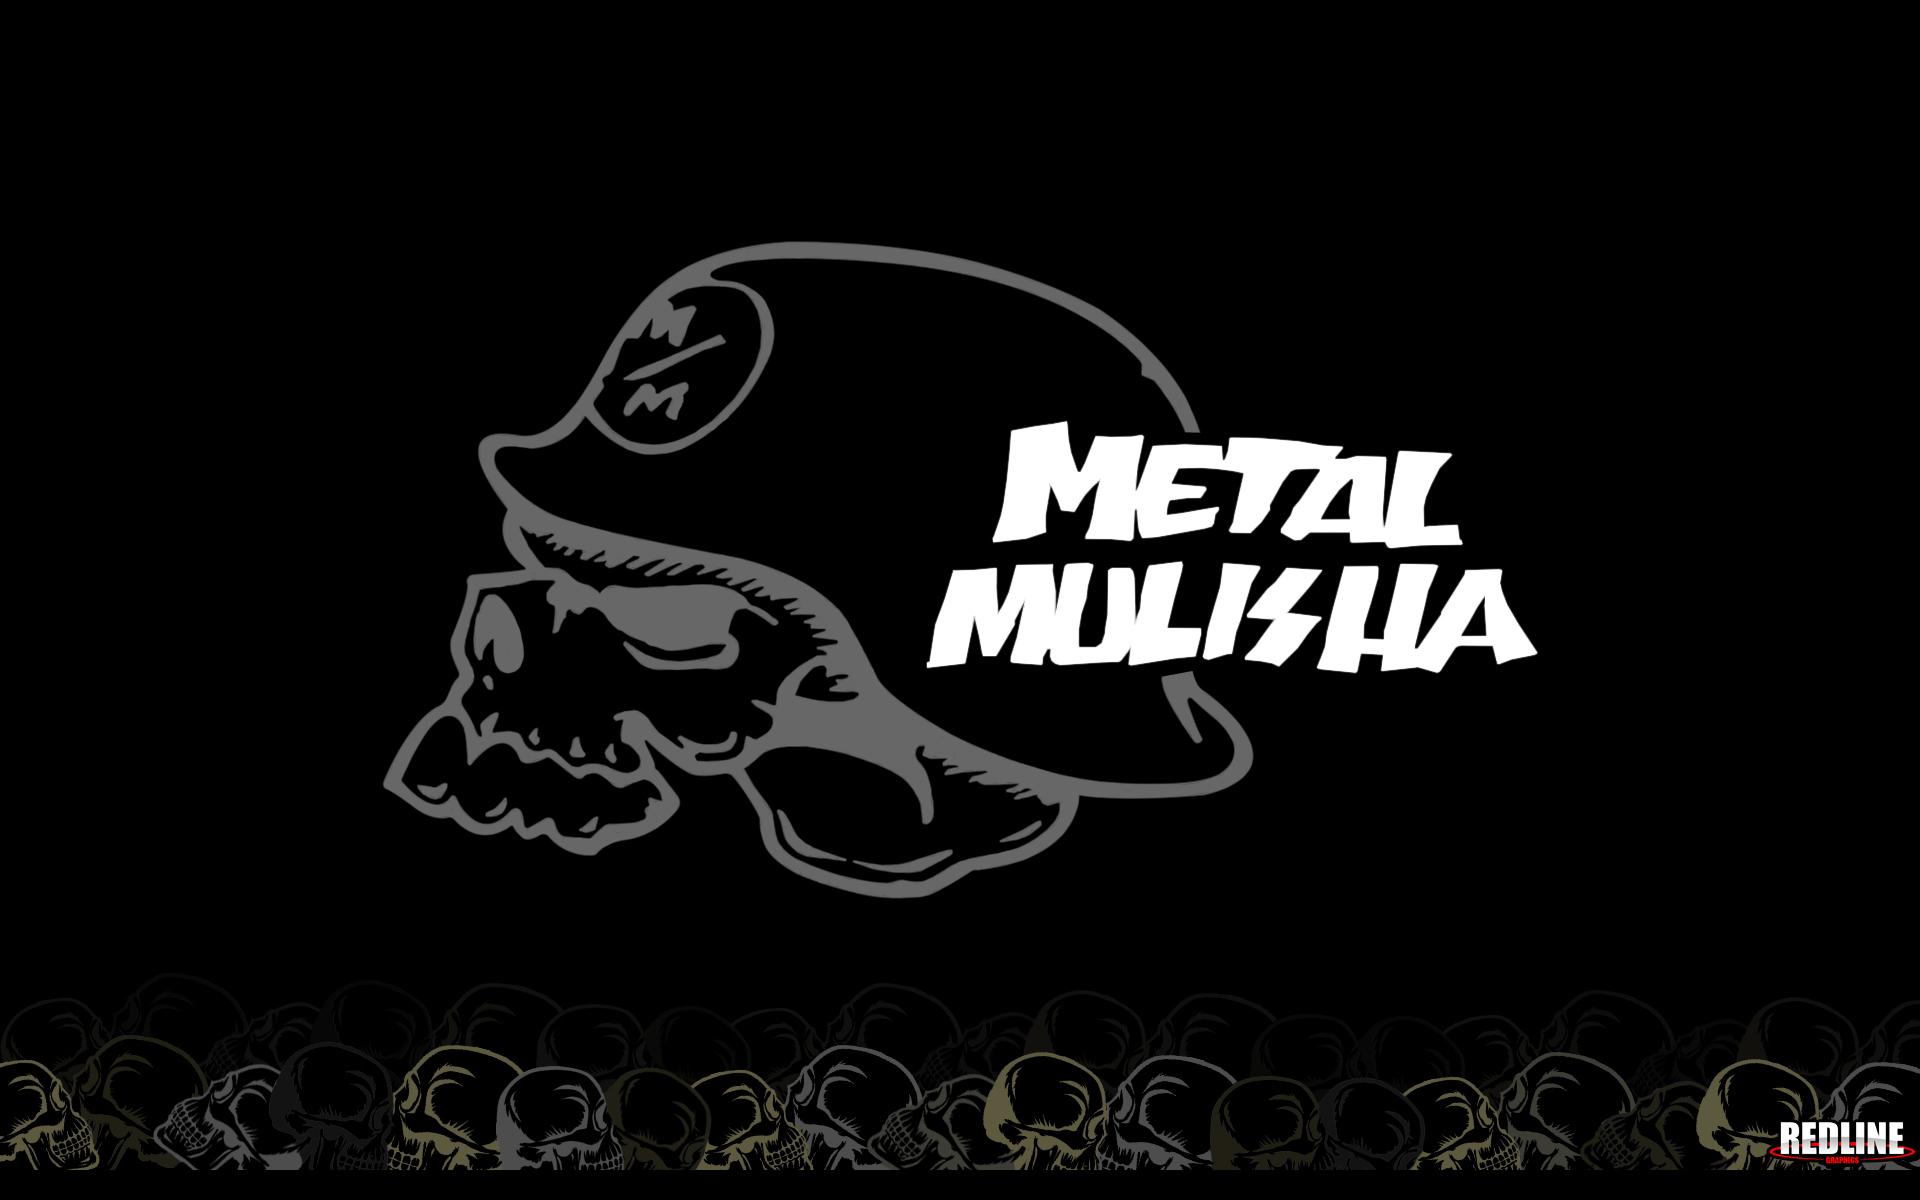 Metal Mulisha Redline Gfx